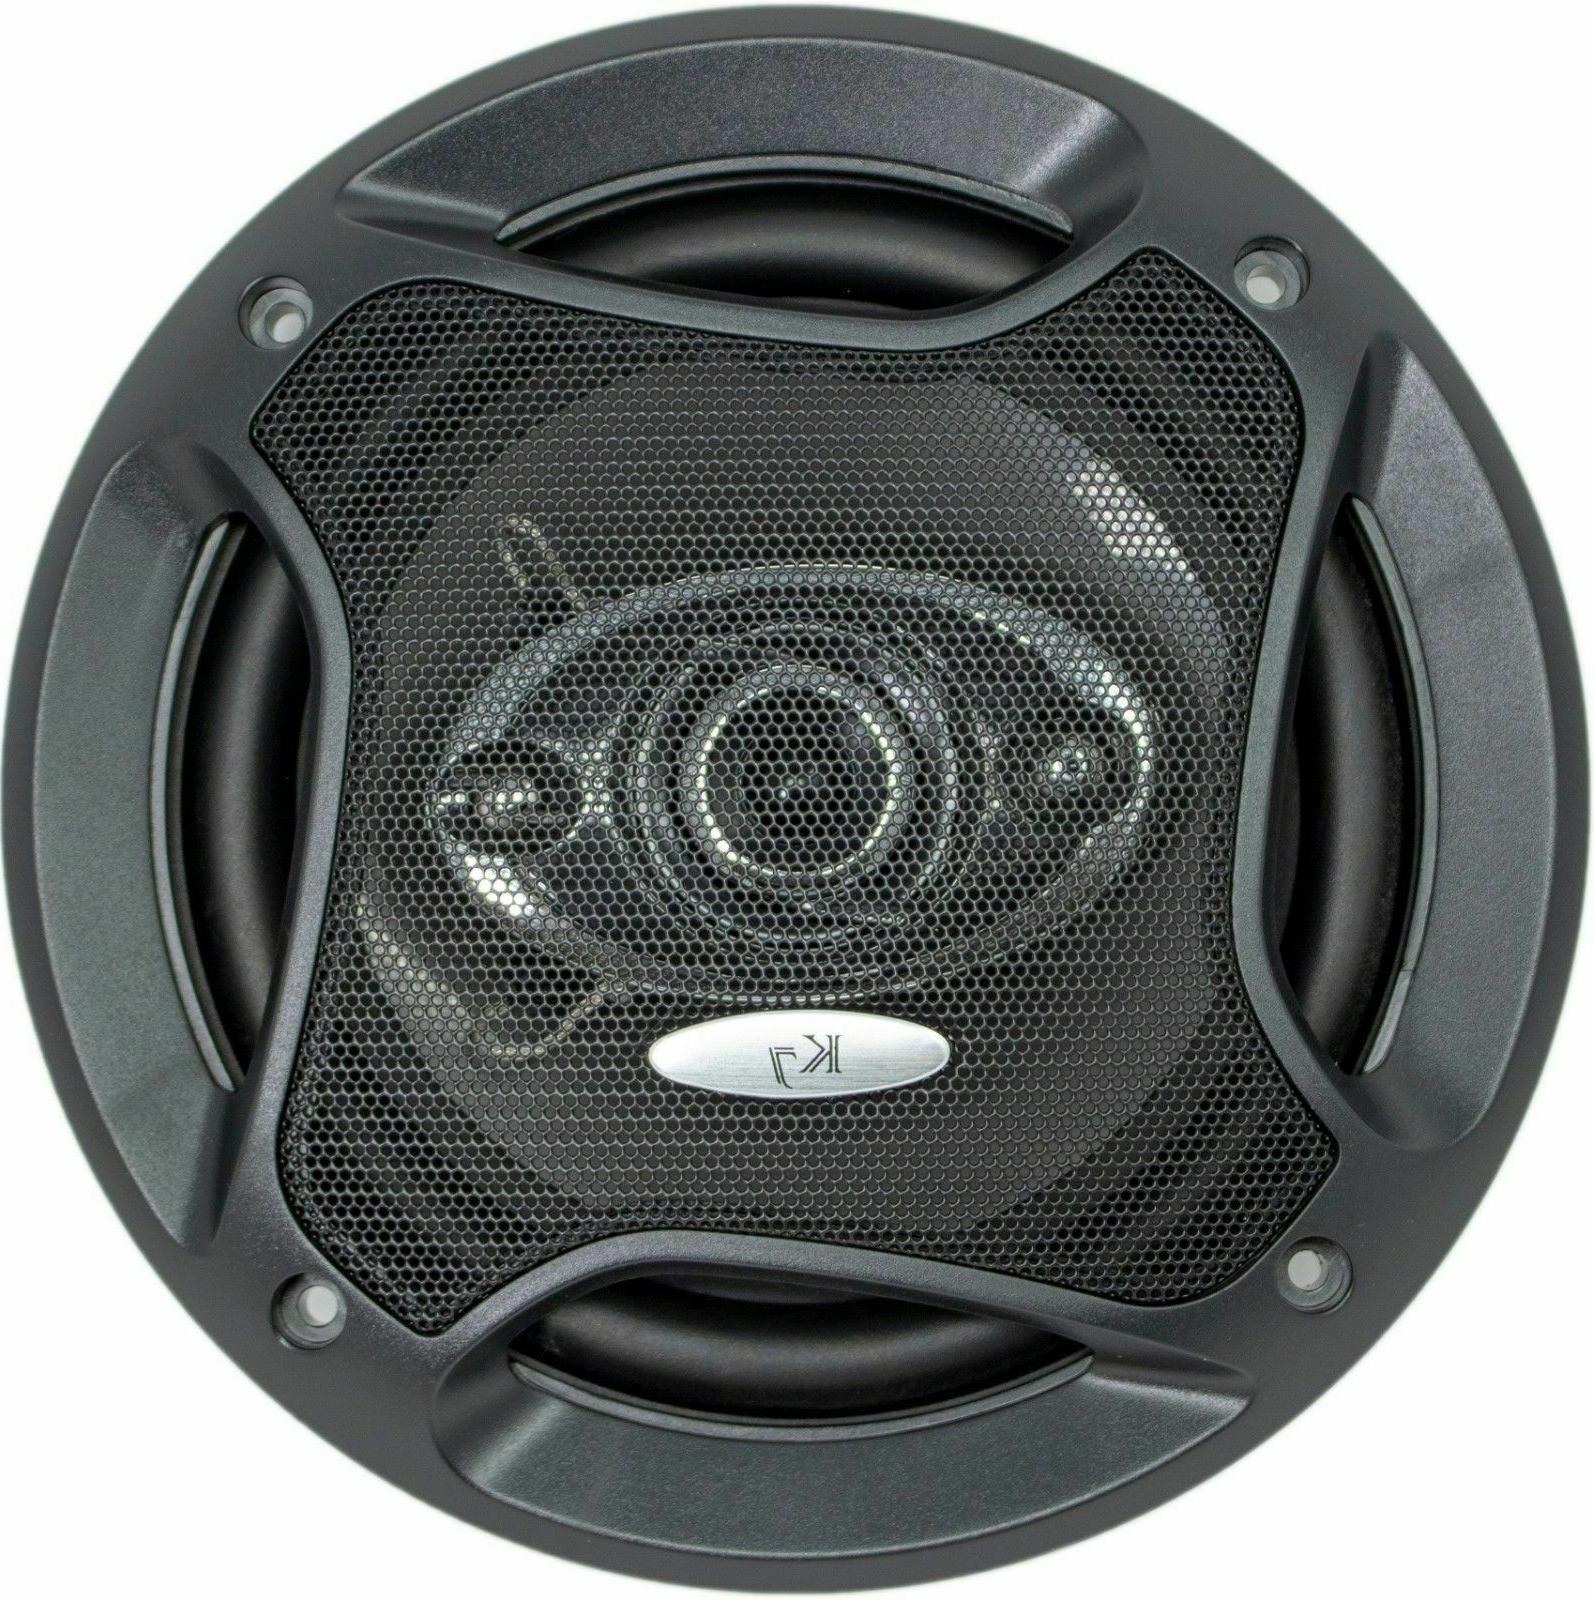 Pairs 400 Audio Speakers -